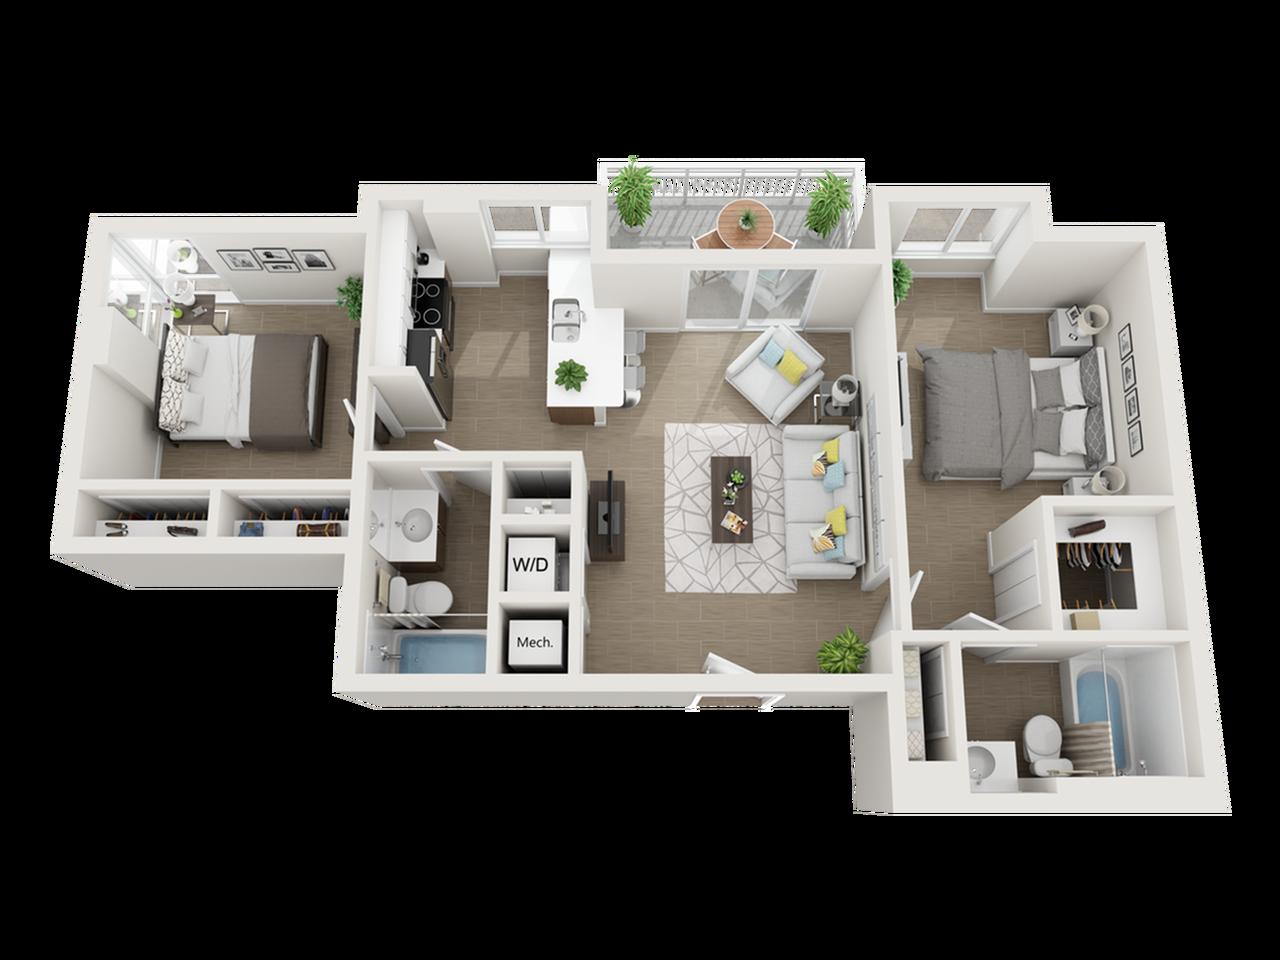 Broa two bedroom two bathroom 3D floor plan